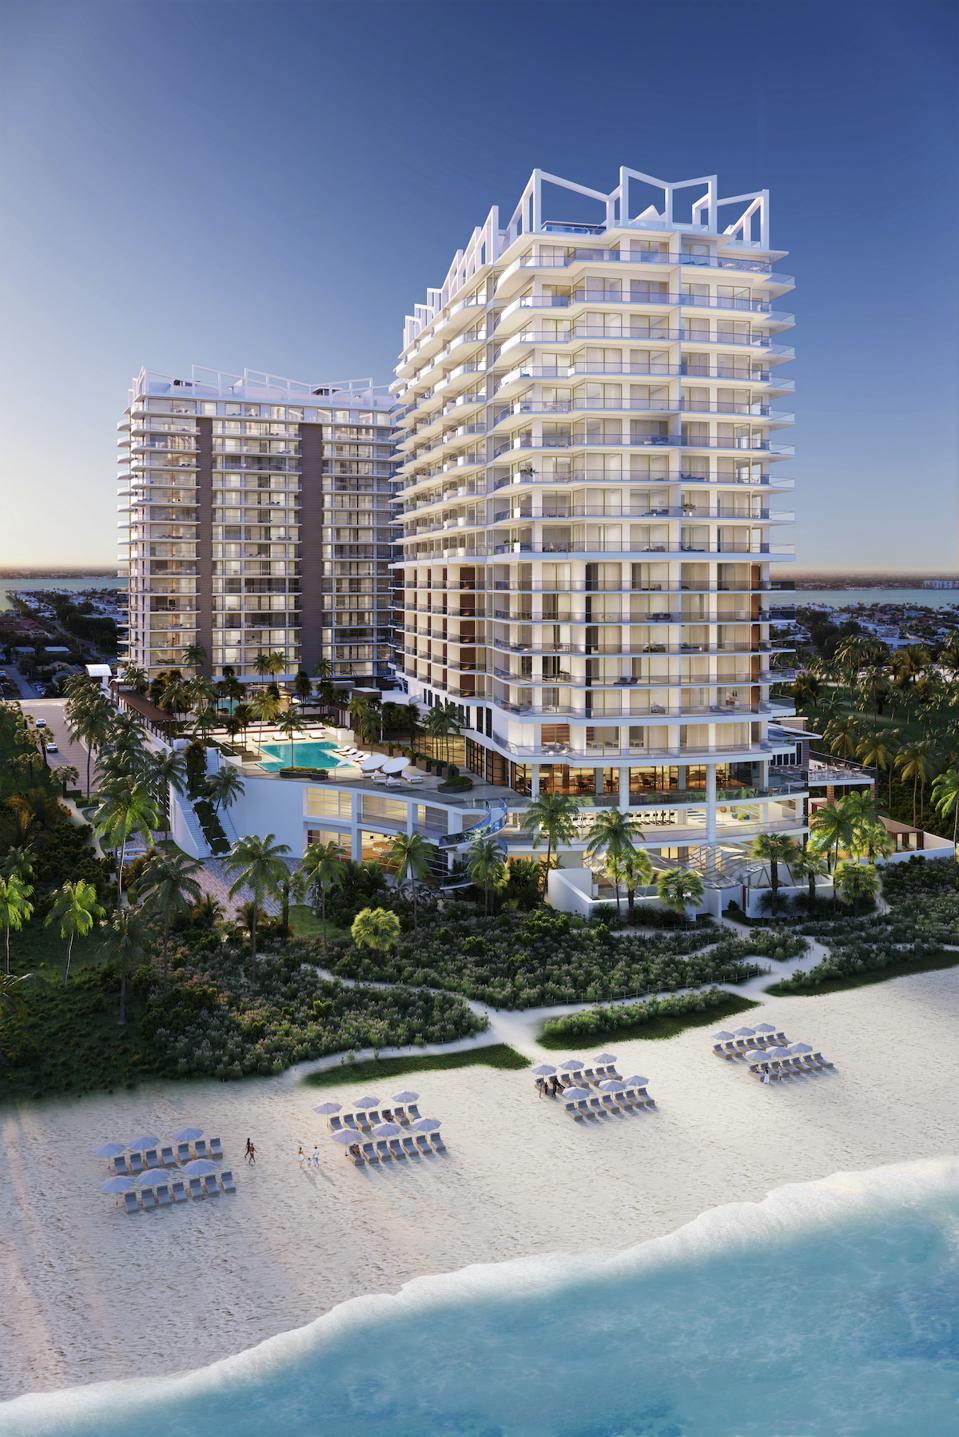 Amrit Ocean Resort & Residences, Singer Island from the beach